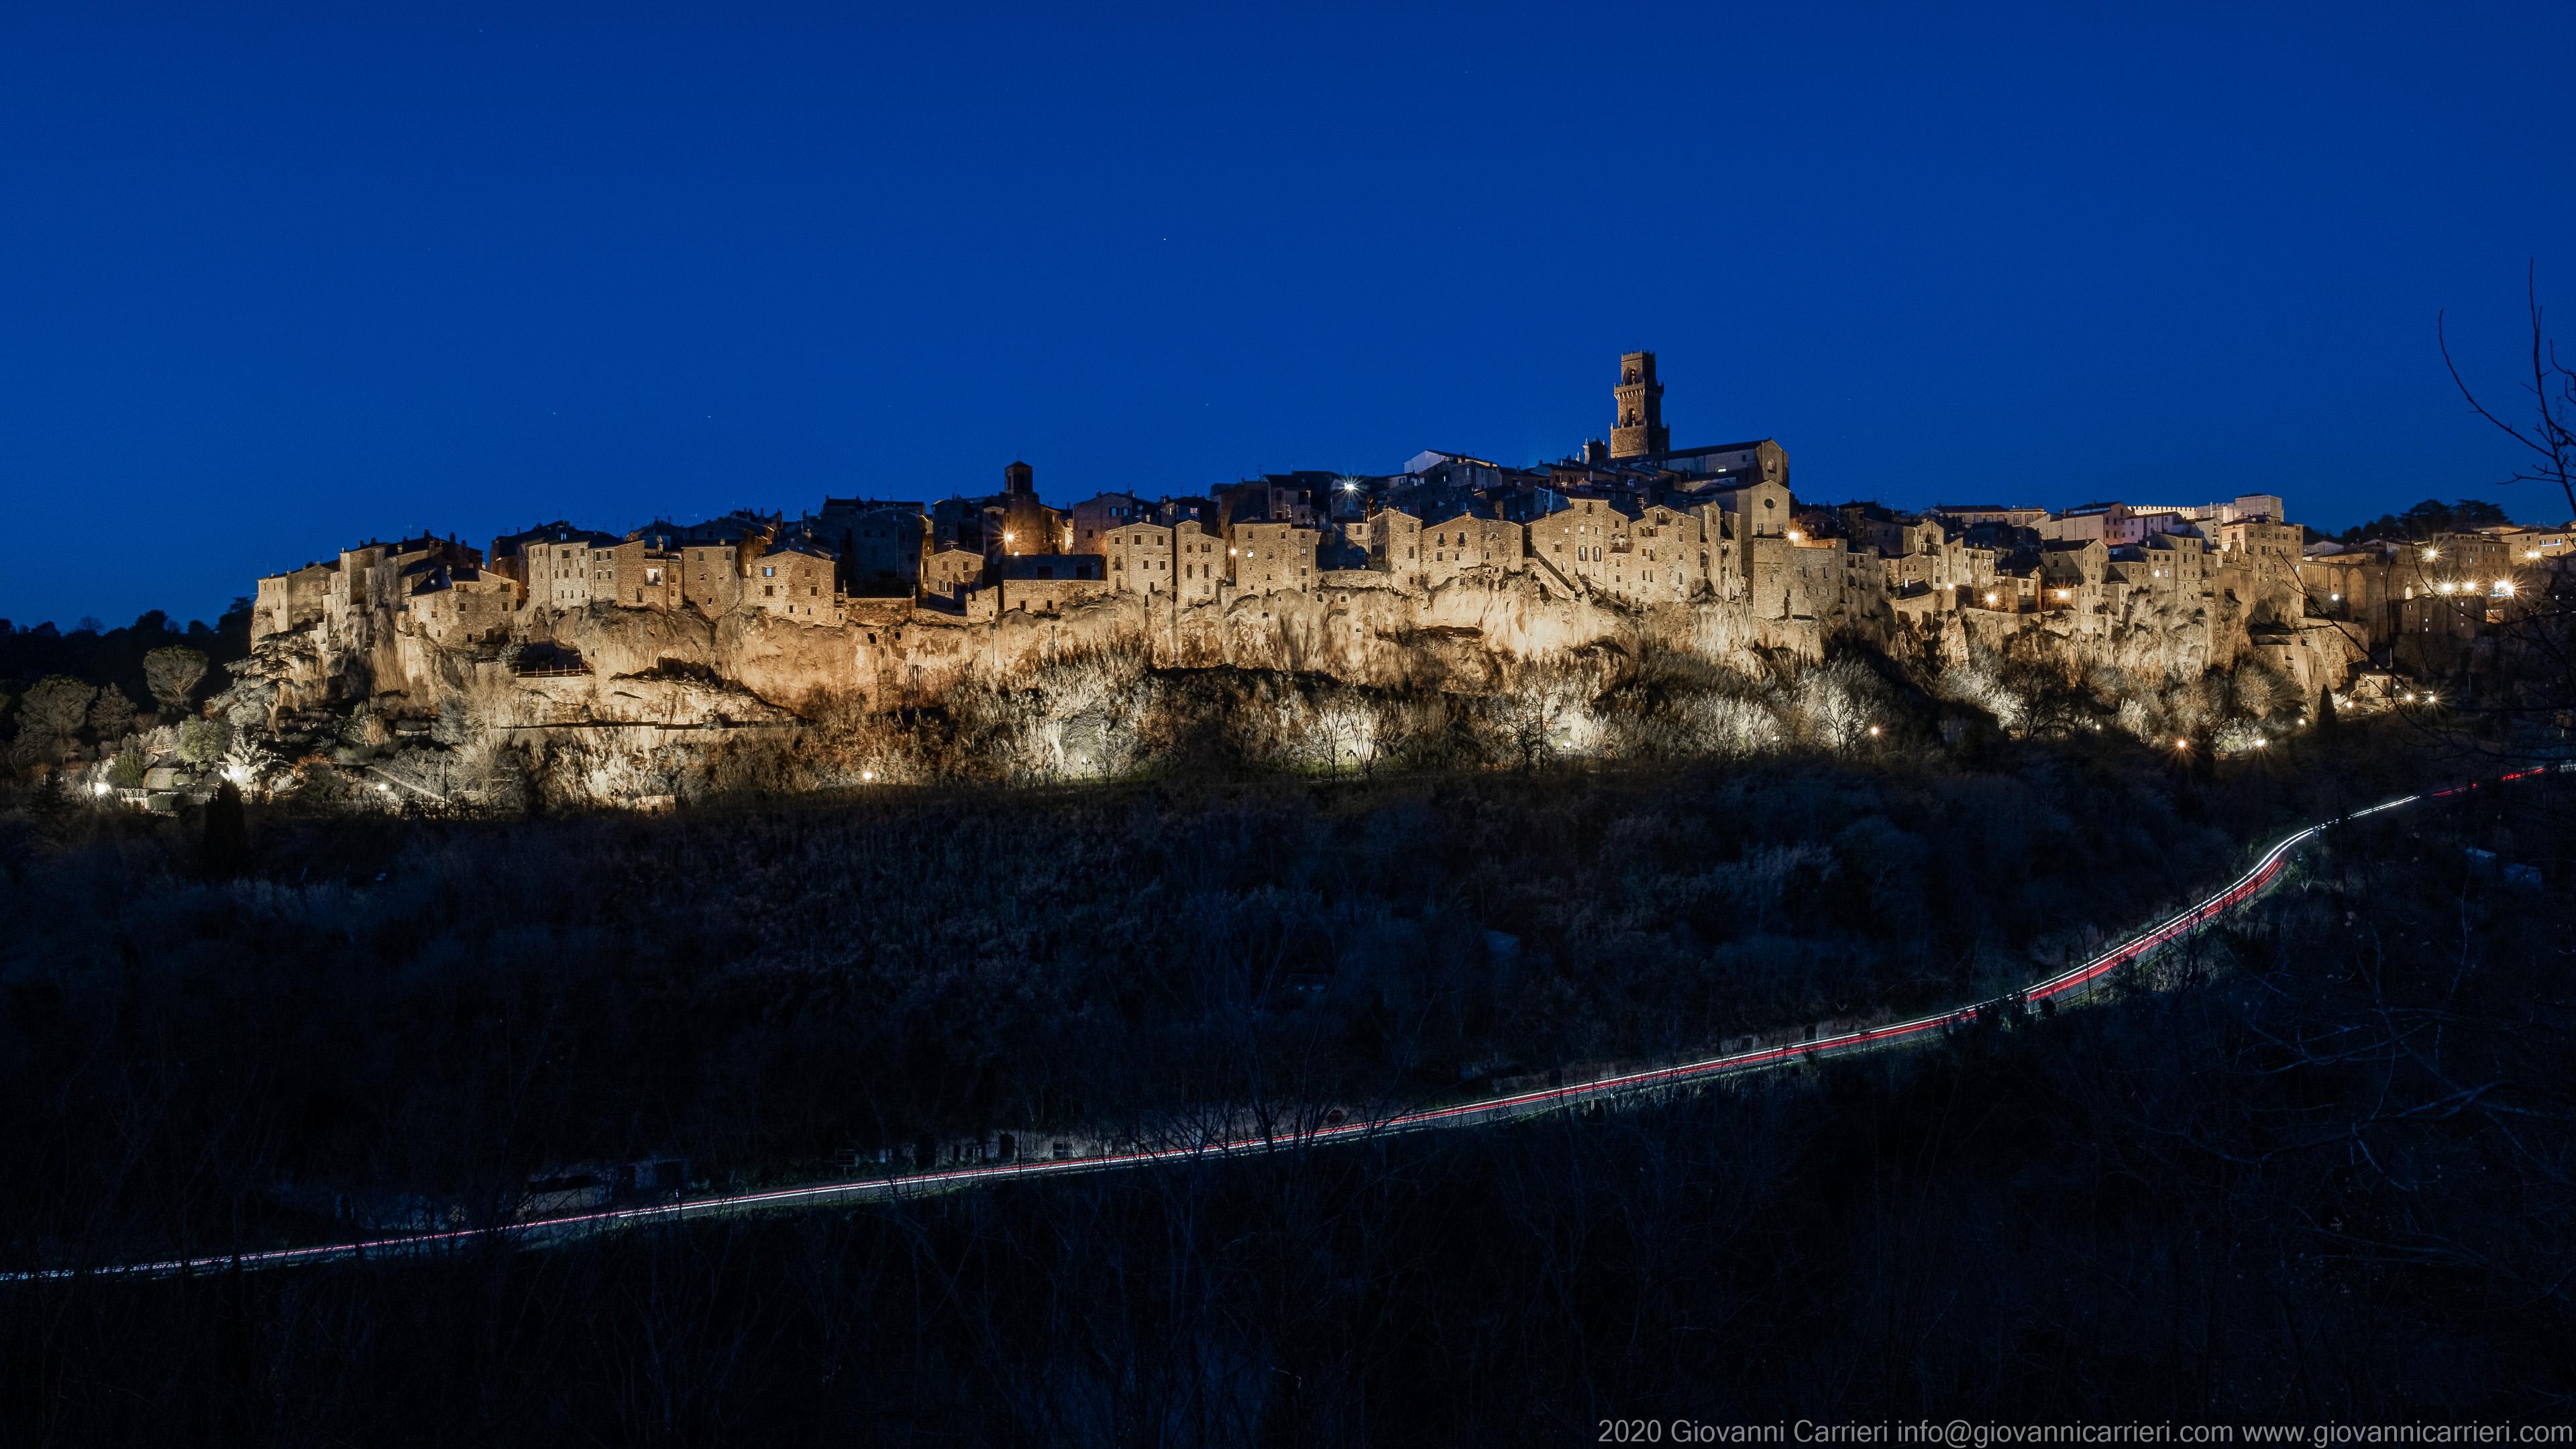 Night view of Pitigliano